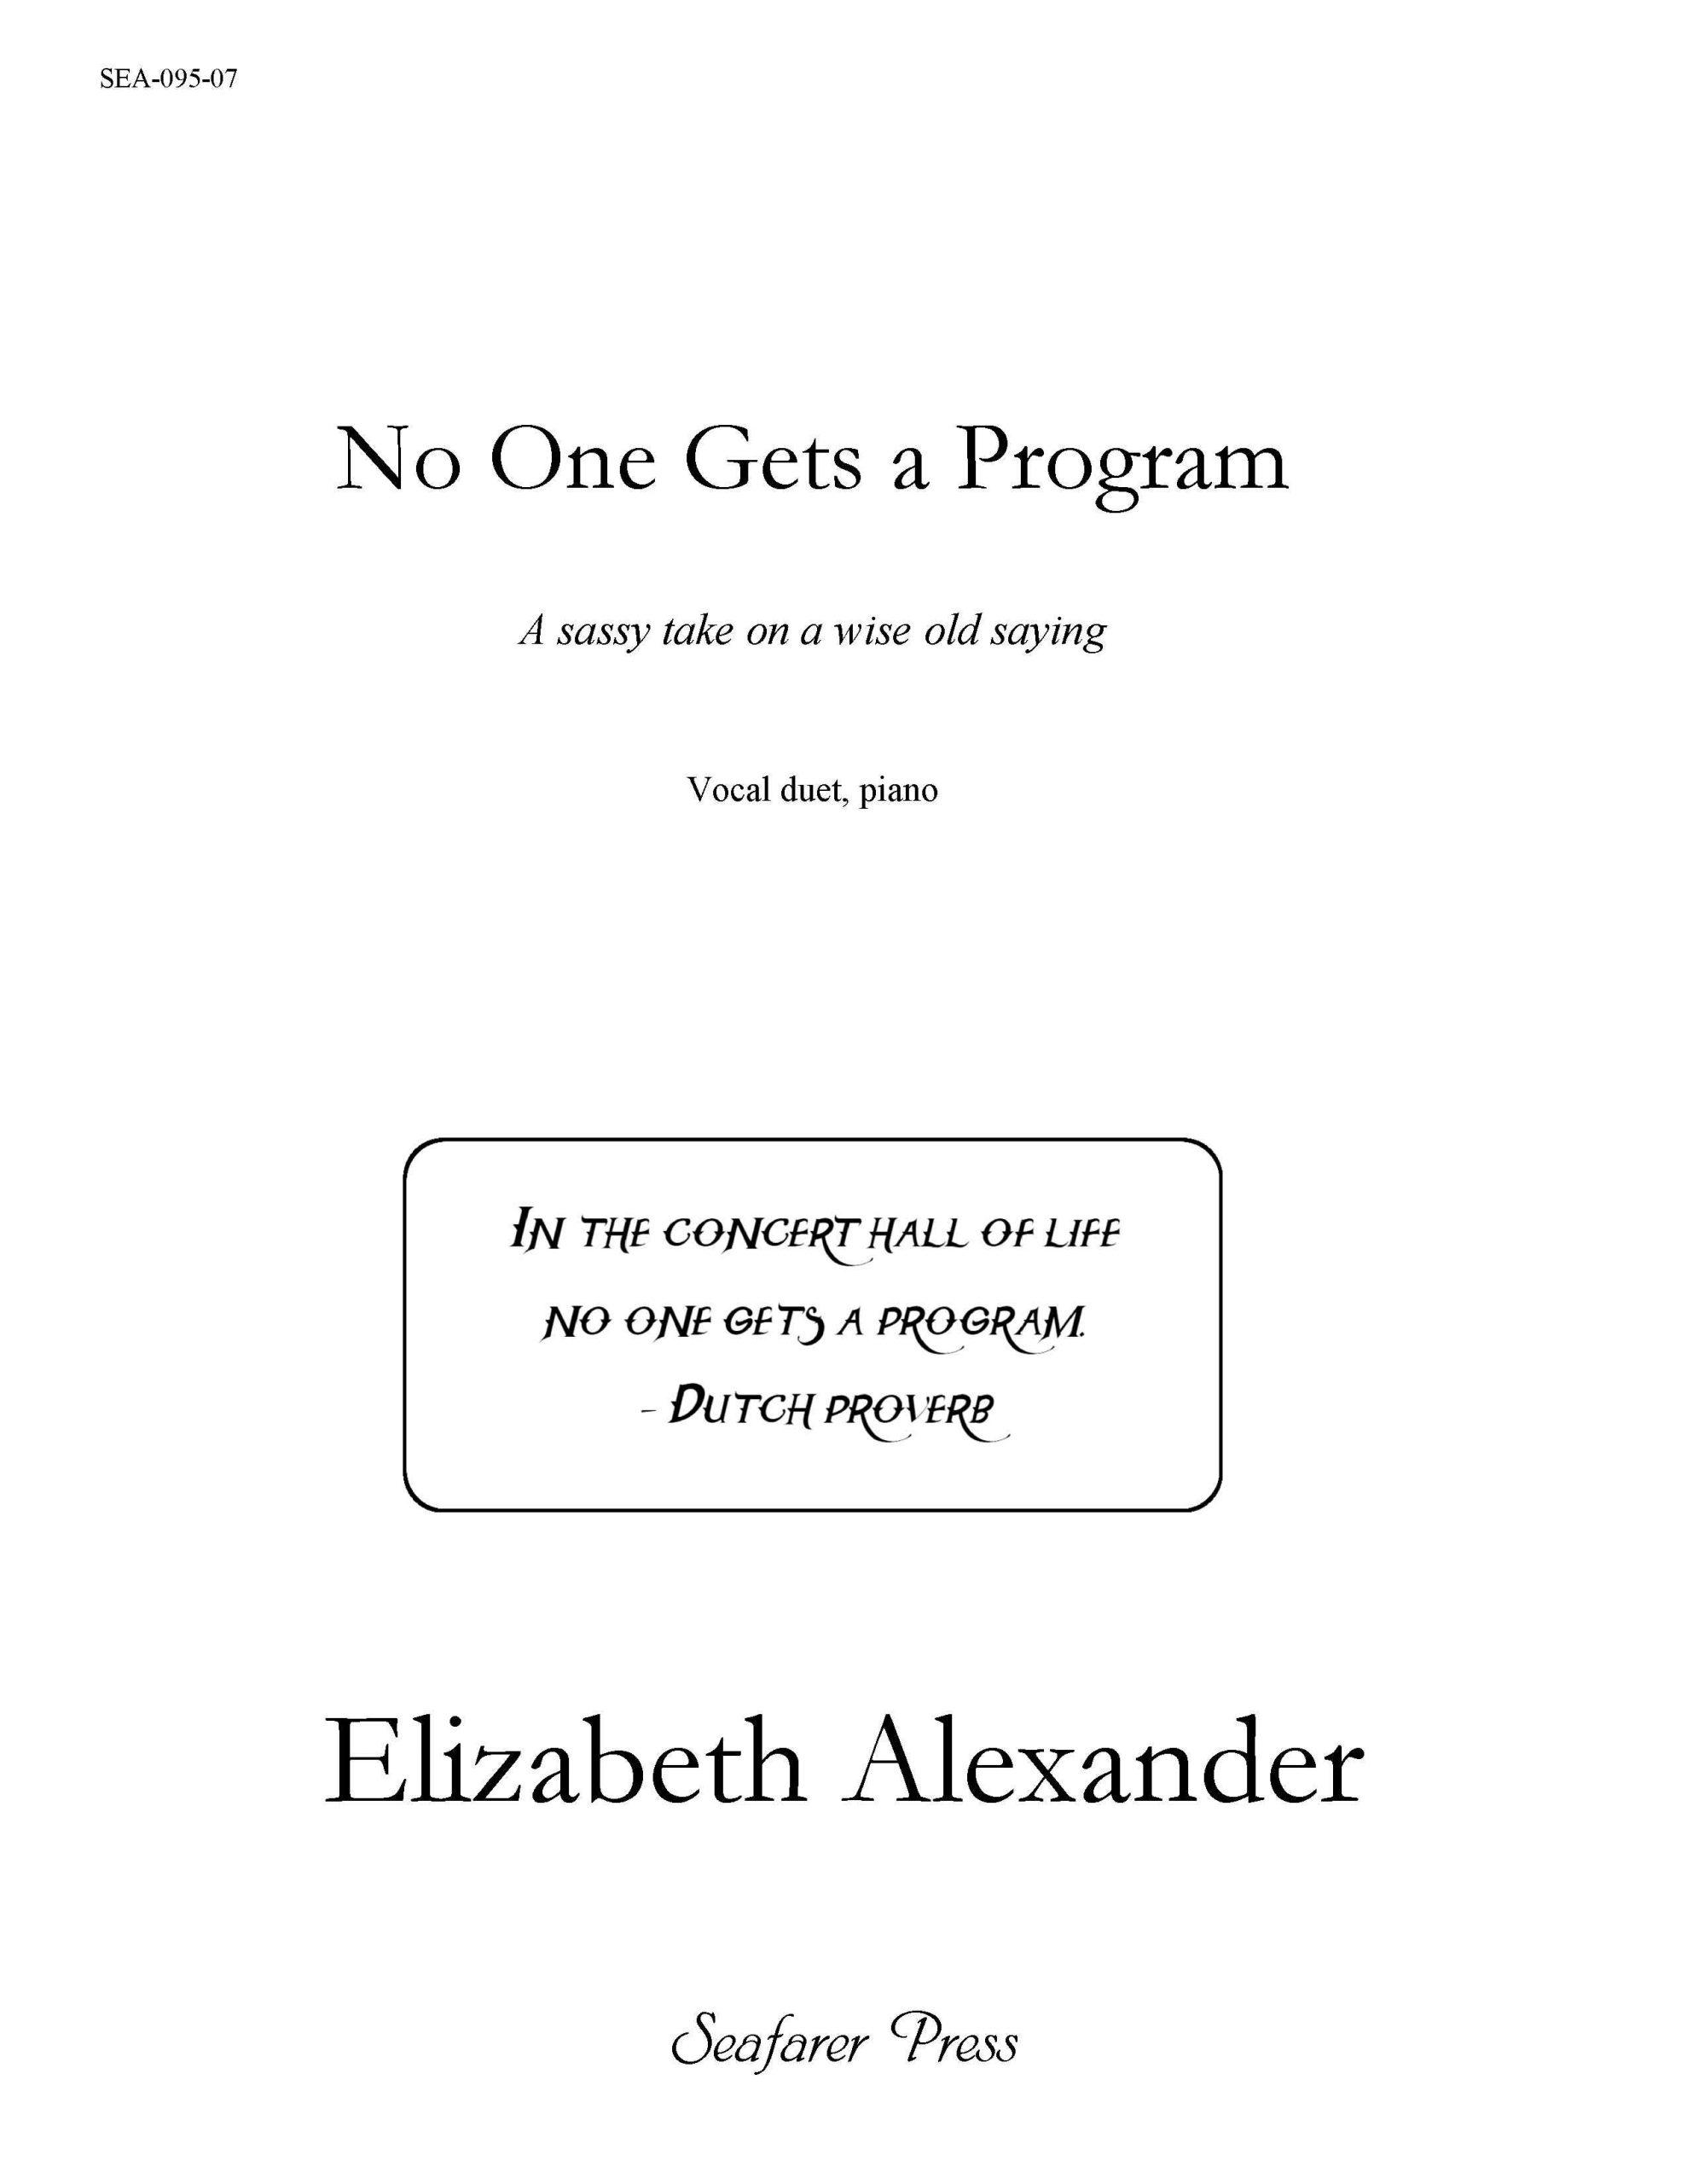 SEA-095-07 - No One Gets A Program